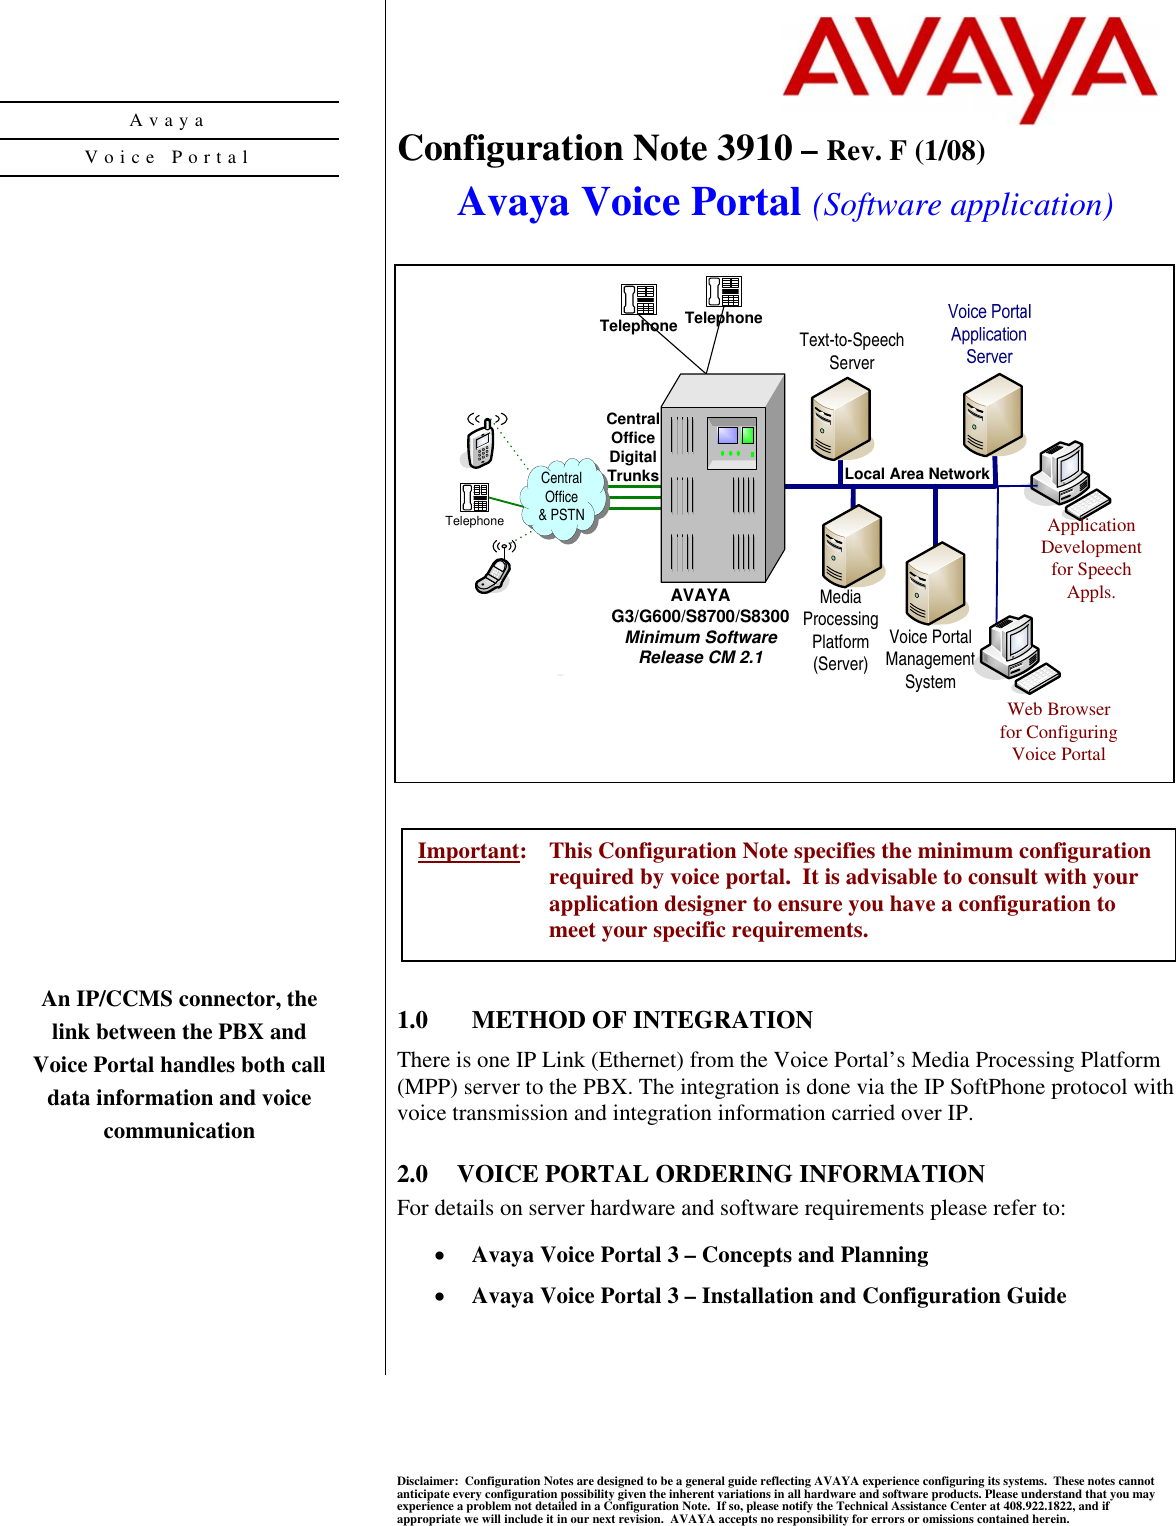 avaya 39101 cn3910 f user manual 3aa54583 ed81 409a b339 d5042d11f253 rh usermanual wiki Avaya S8300 Avaya S8500 Server